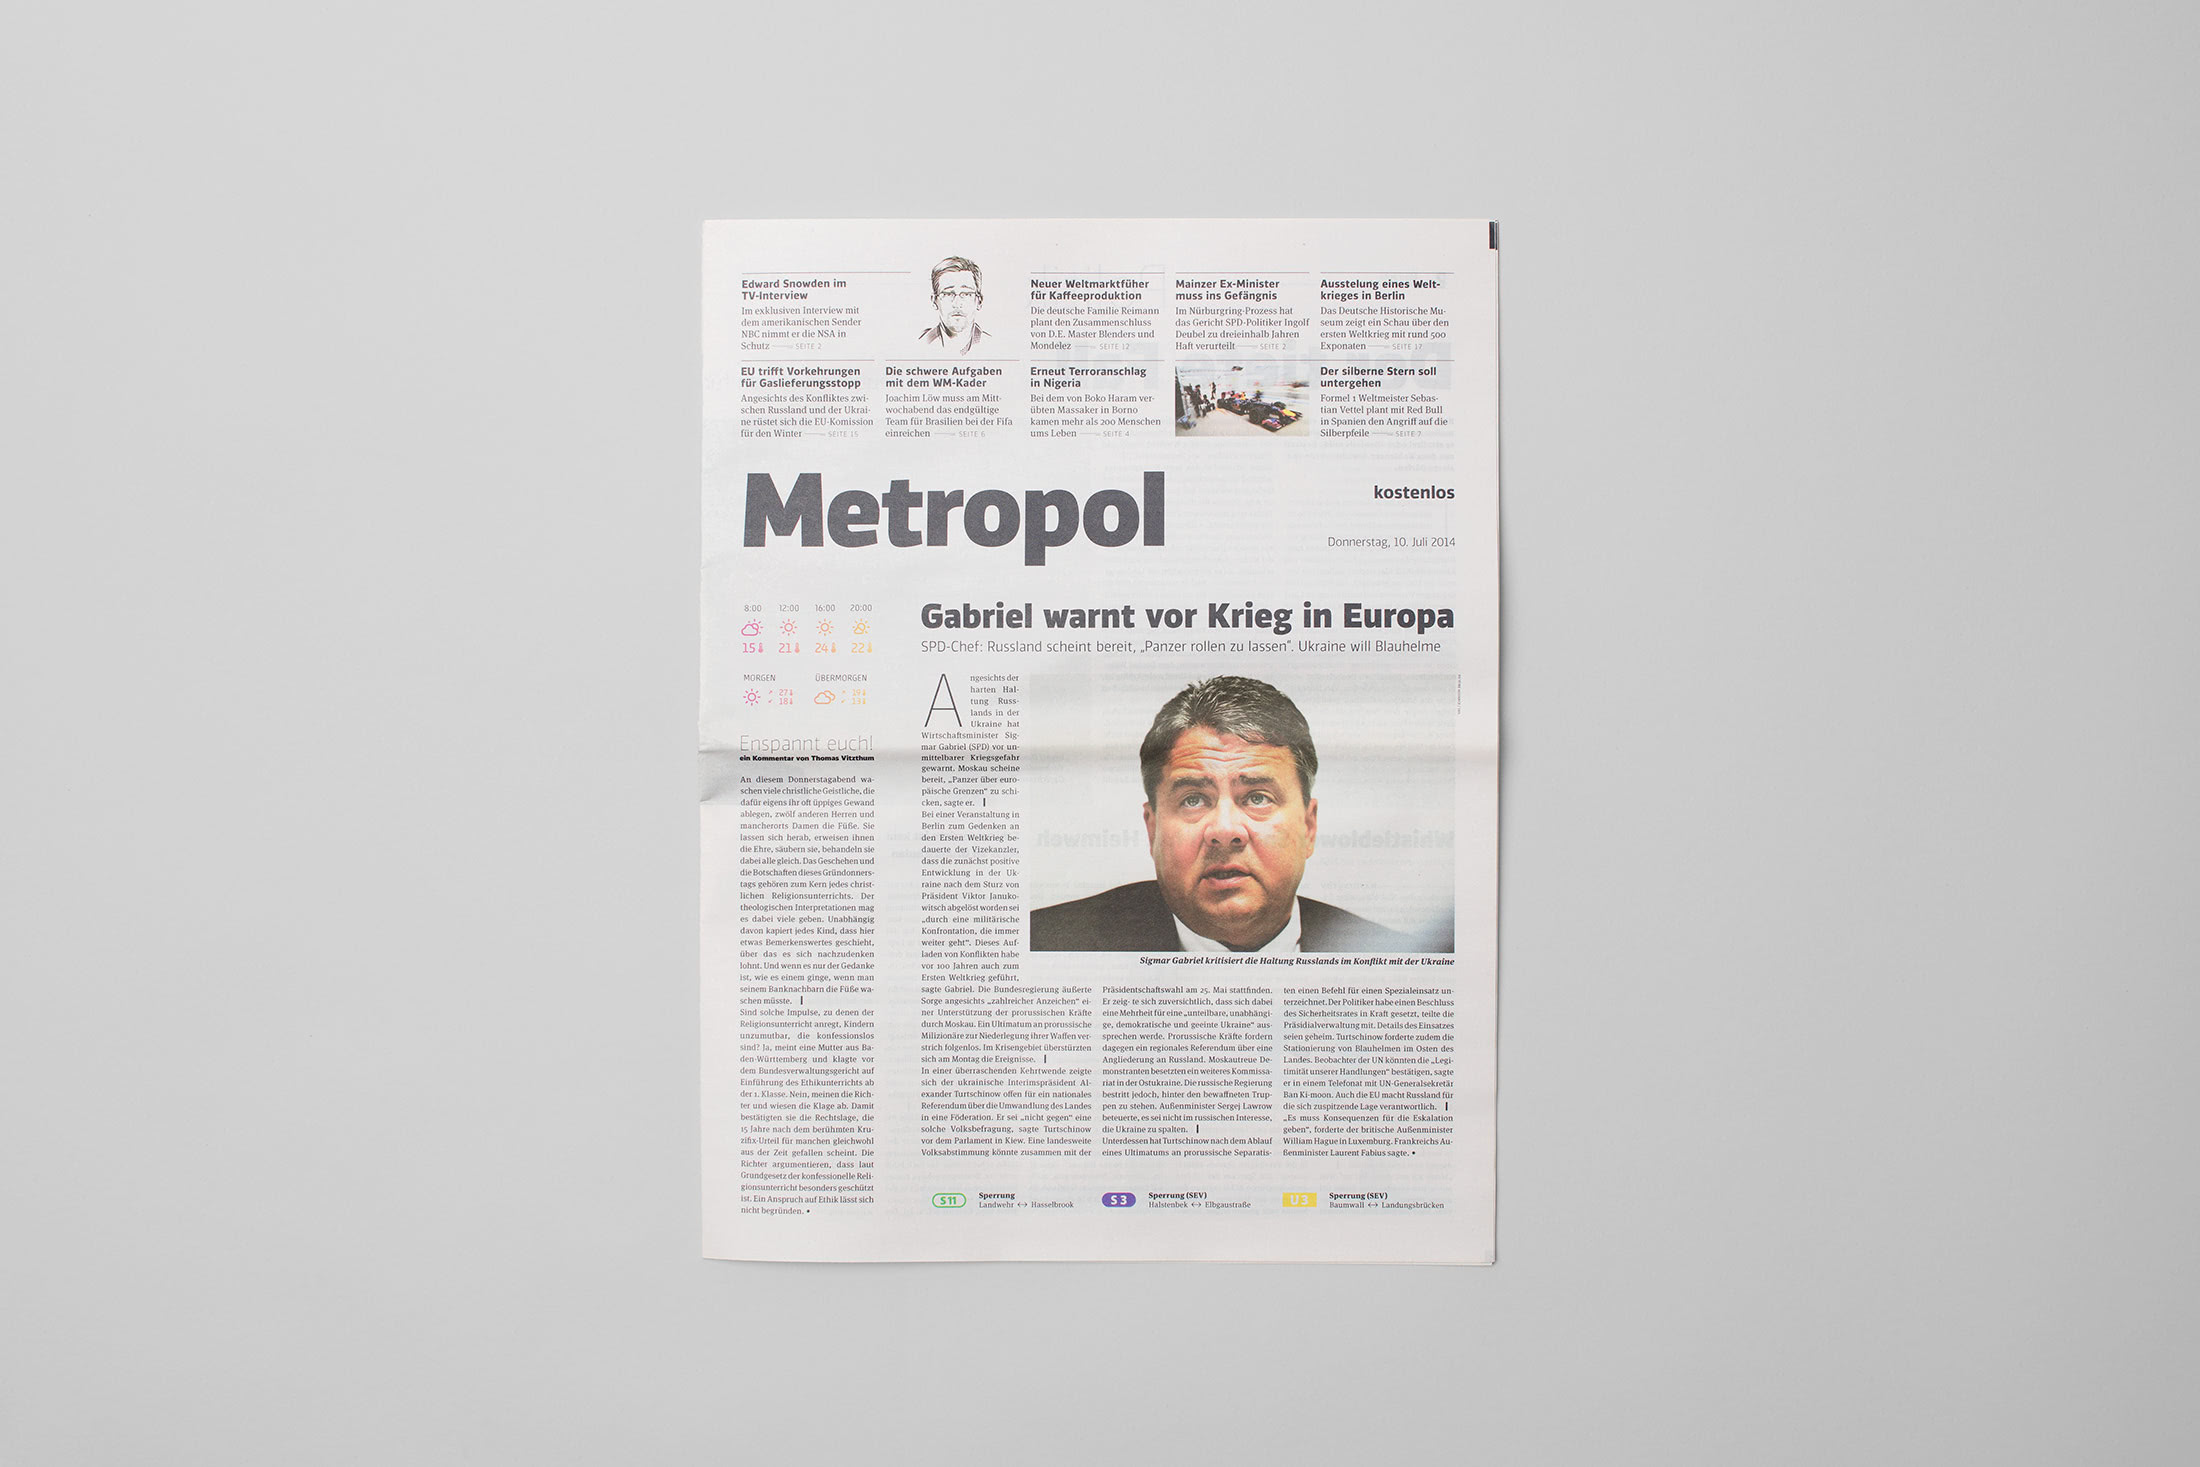 Metropol_02-Mitja_Schneehage